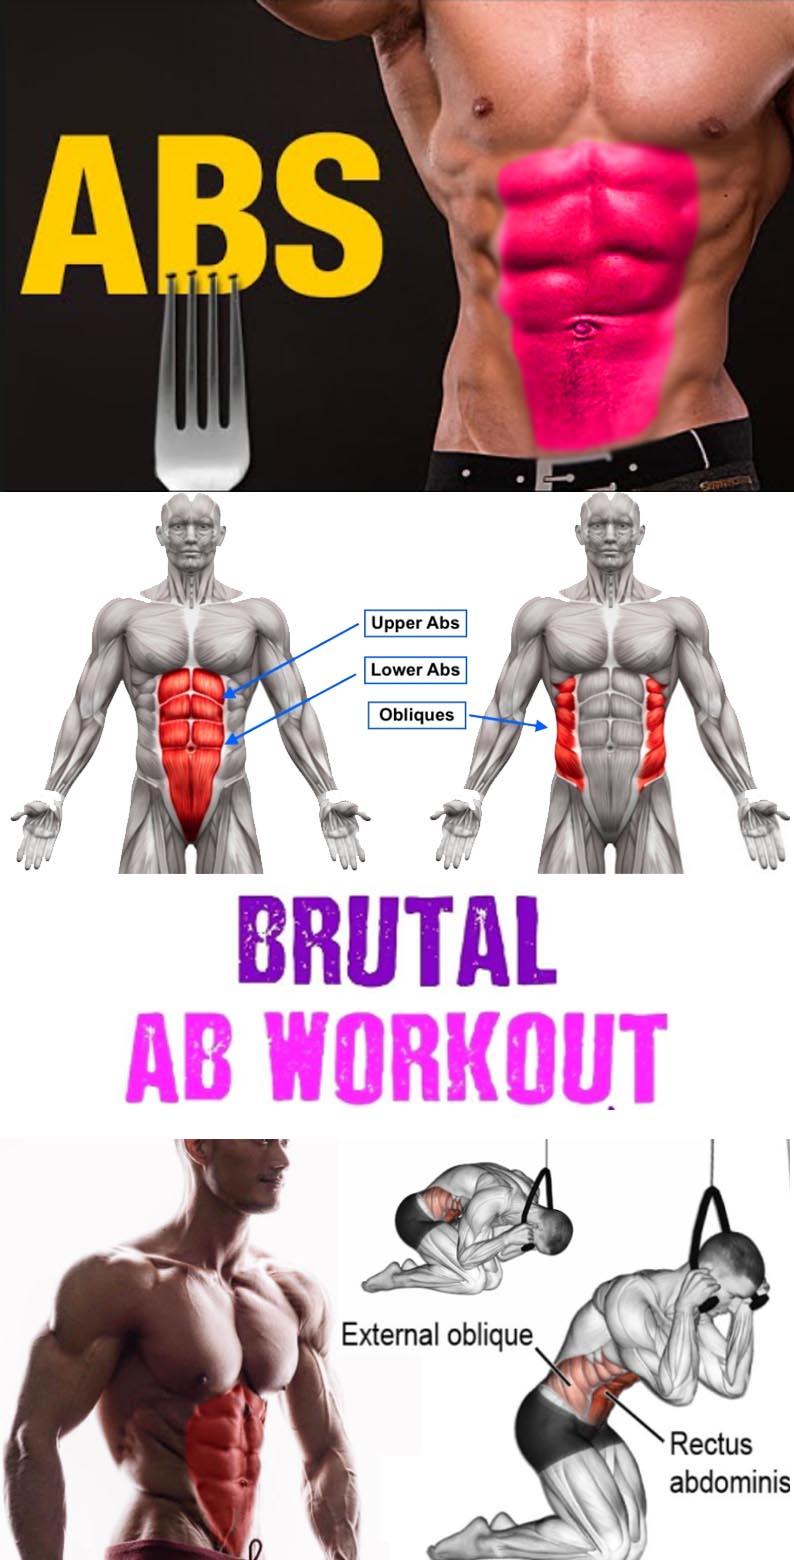 Brutal AB Workout